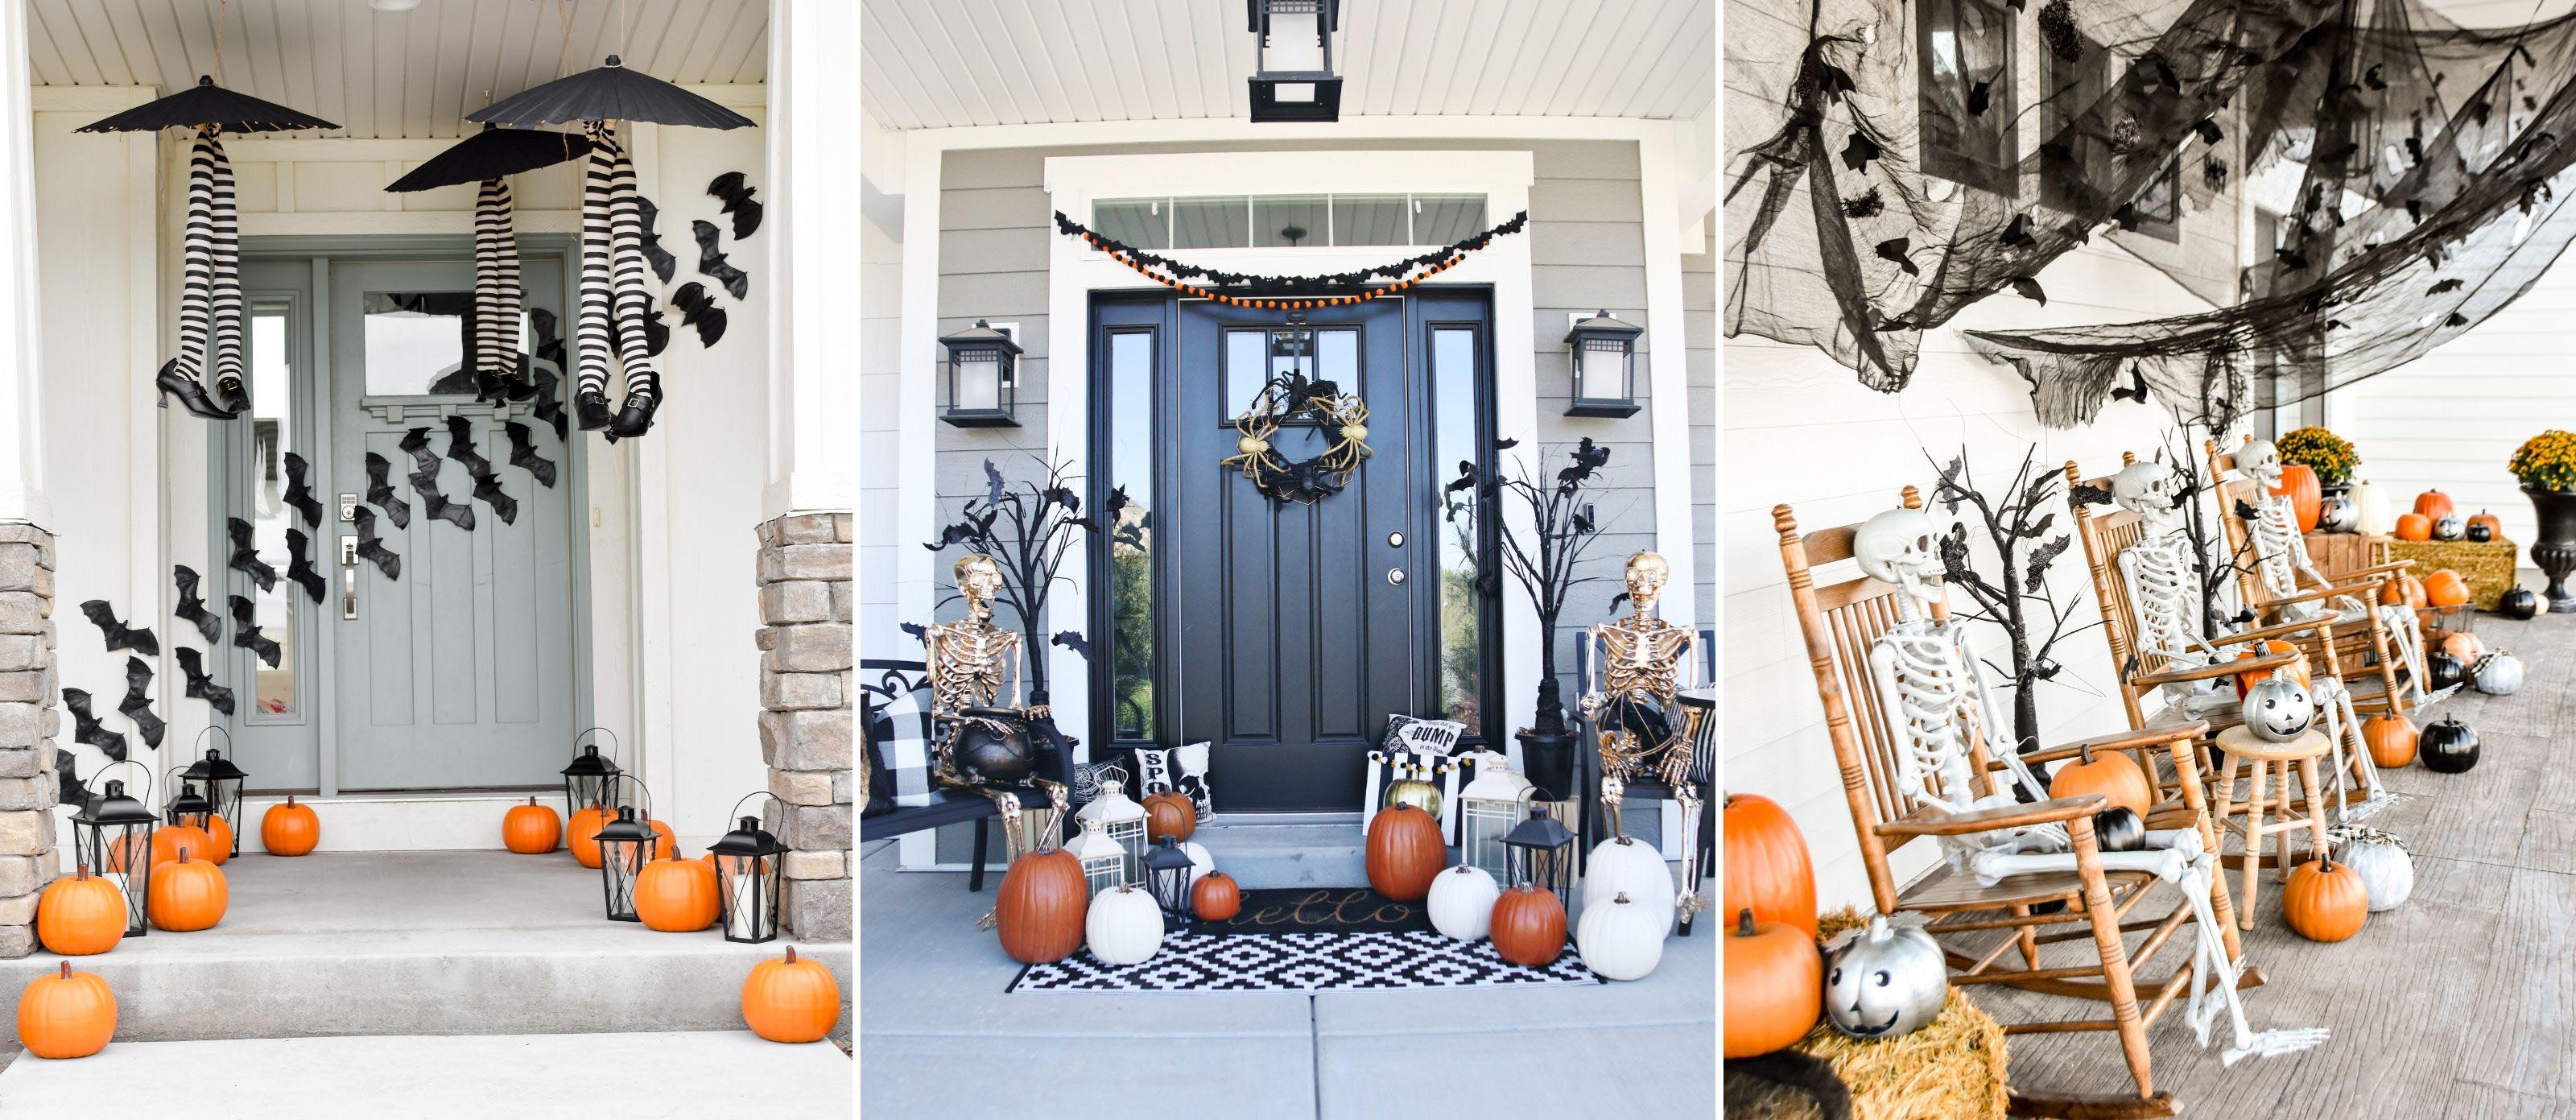 Shop It Front Porch Halloween Decor Ideas